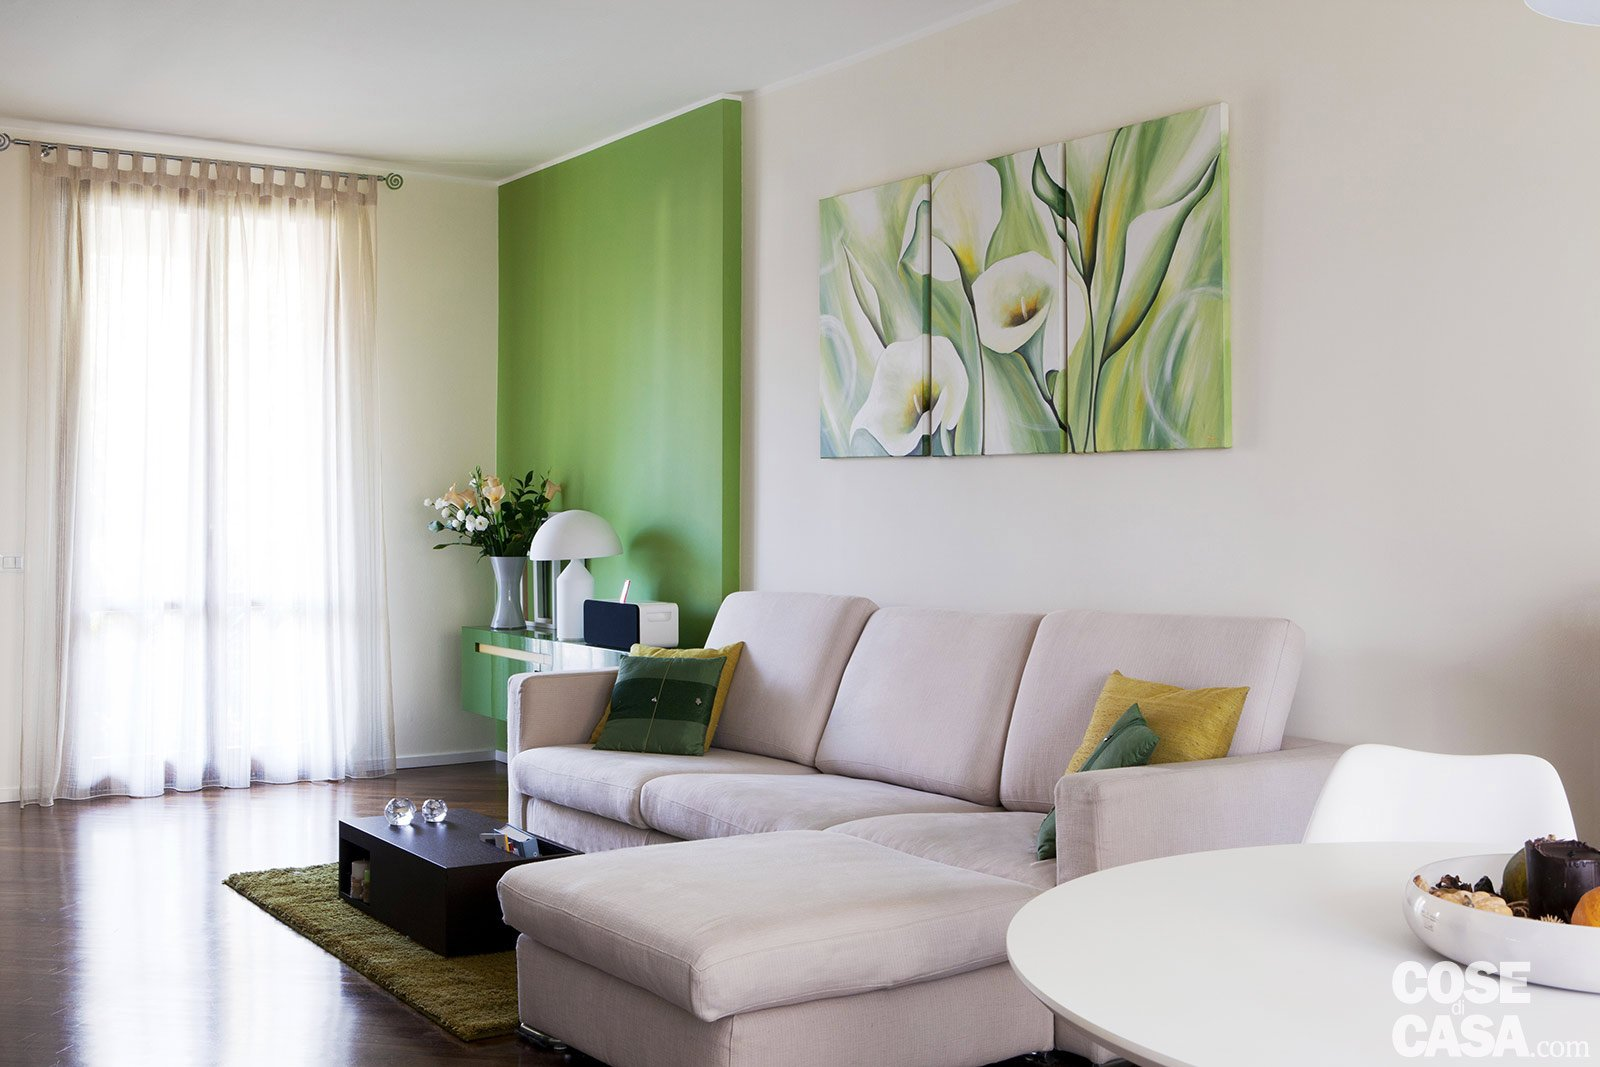 Casa: Più Vivibile Dopo La Ristrutturazione Cose Di Casa #707D43 1600 1067 Come Arredare Un Ambiente Unico Cucina Soggiorno